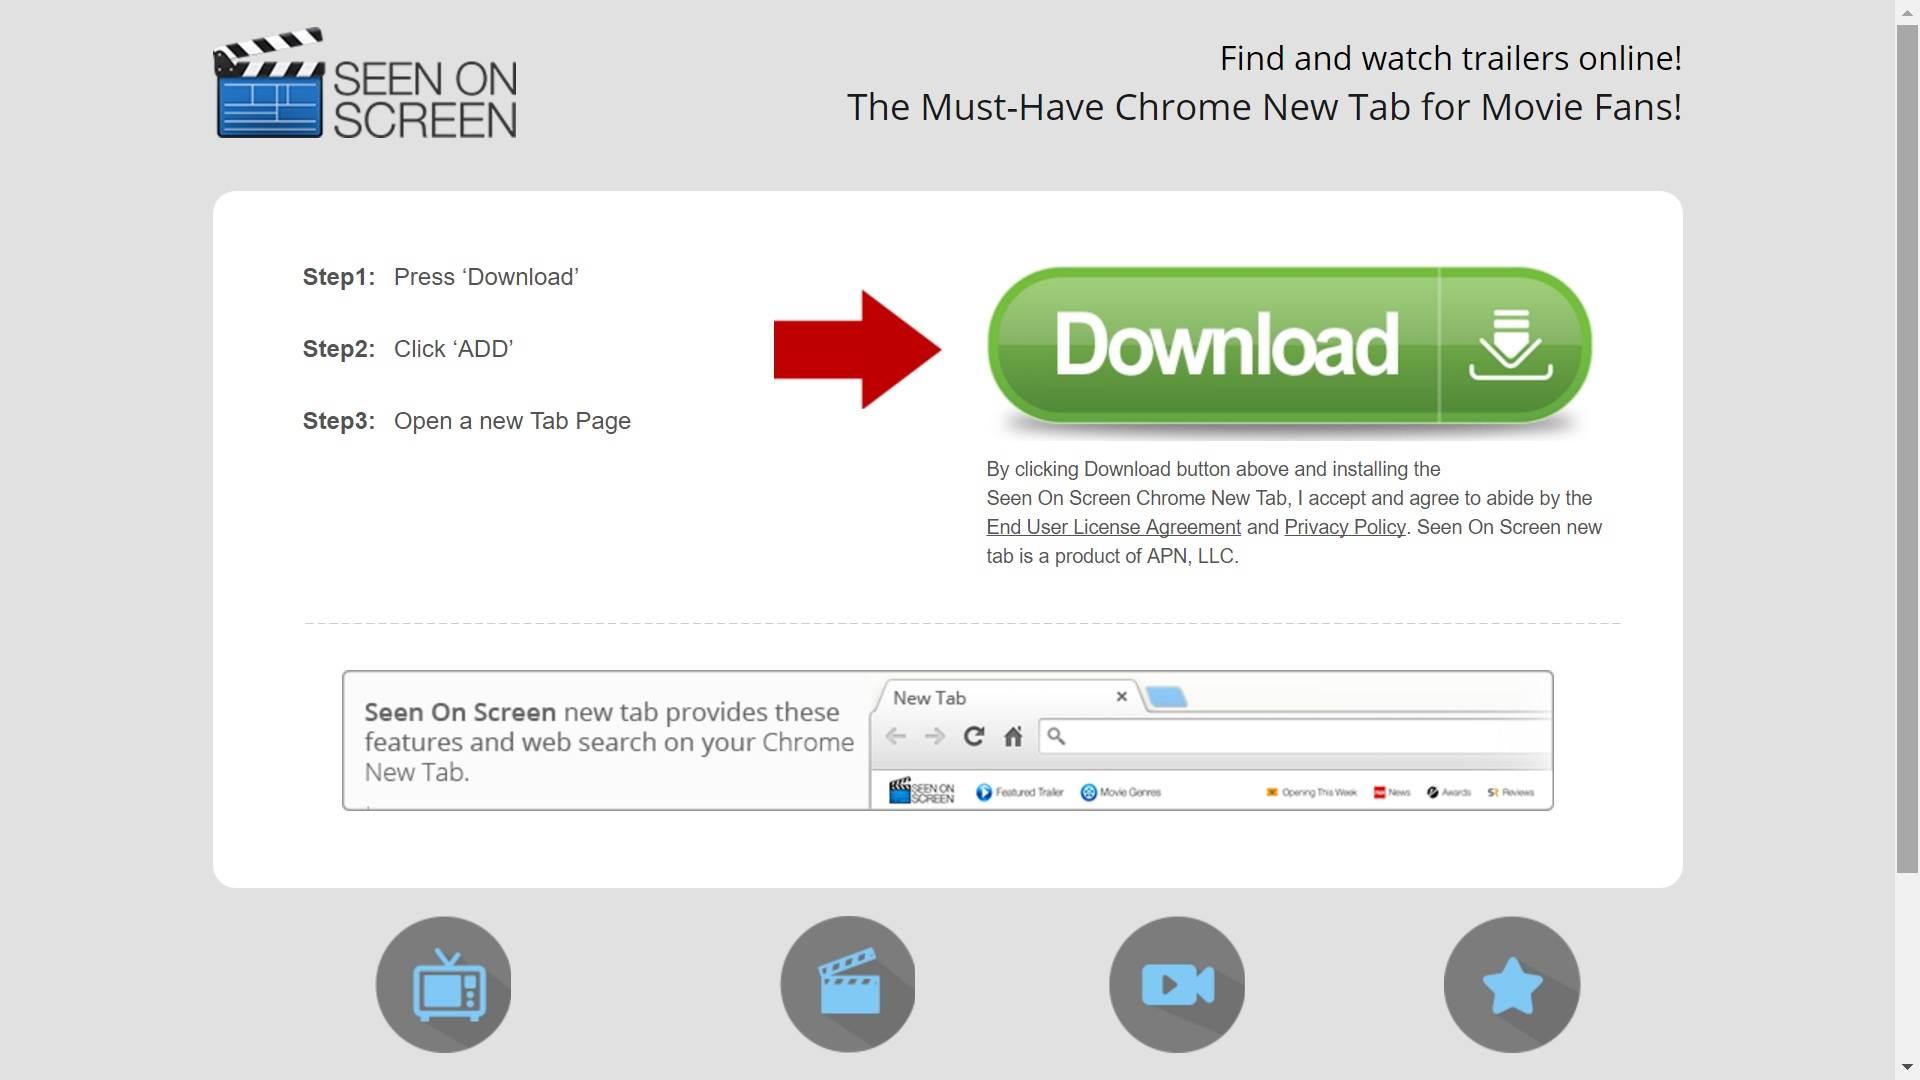 Ne posećujte ovaj filmski PopCorn sajt!